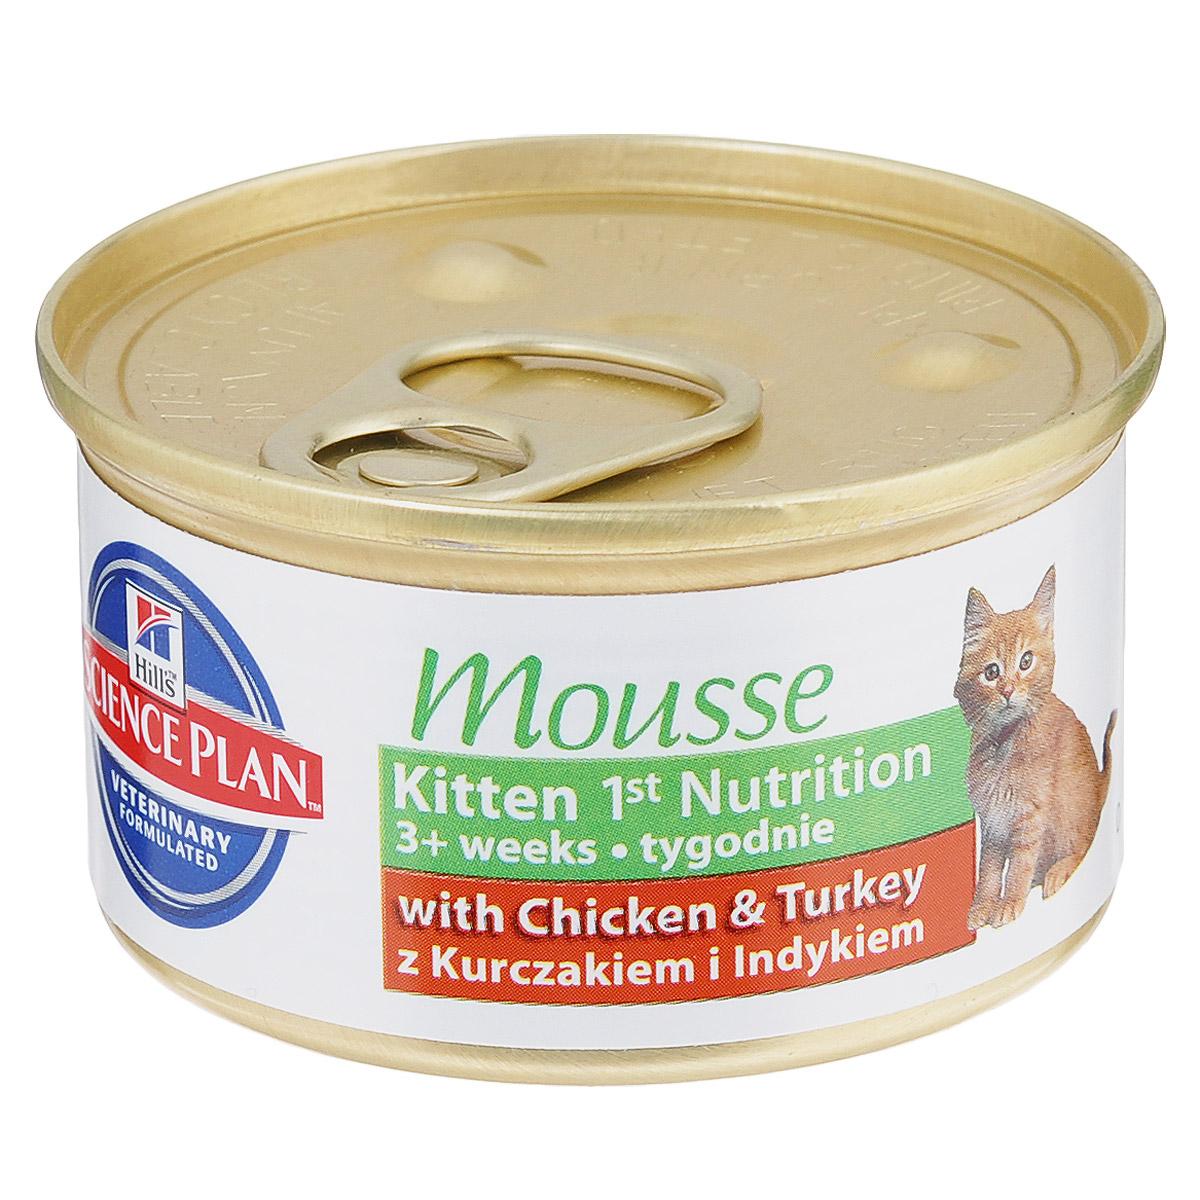 Консервы для котят Hills Kitten, нежный мусс с курицей, 85 г2387Консервы для котят Hills Kitten - полноценный корм для растущих котят с момента отъема до 1 года (с курицей). Состав: печень, свинина, курица (минимум 4%), соевая мука, сухое цельное яйцо, животный жир, мука из маисового глютена, кукурузный крахмал, гидролизат белка, свекольная пульпа, целлюлоза, дикальция фосфат, рыбная мука, рыбий жир, L-лизина гидрохлорид, пивные дрожжи, кальций карбонат, кальция сульфат, DL-метионин, калия хлорид, L-триптофан, магния оксид.Добавки: Витамин D3, витамин E, гептагидрат сульфата железа (II), оксид цинка, сульфат меди, оксид марганца, иодат кальция, натрия селенит, ниацин, d-пантотенат кальция, тиамин, рибофлавин, пиридоксин-гидрохлорид, фолиевая кислота, биотин, витамин B12.Вес: 85 г.Товар сертифицирован.